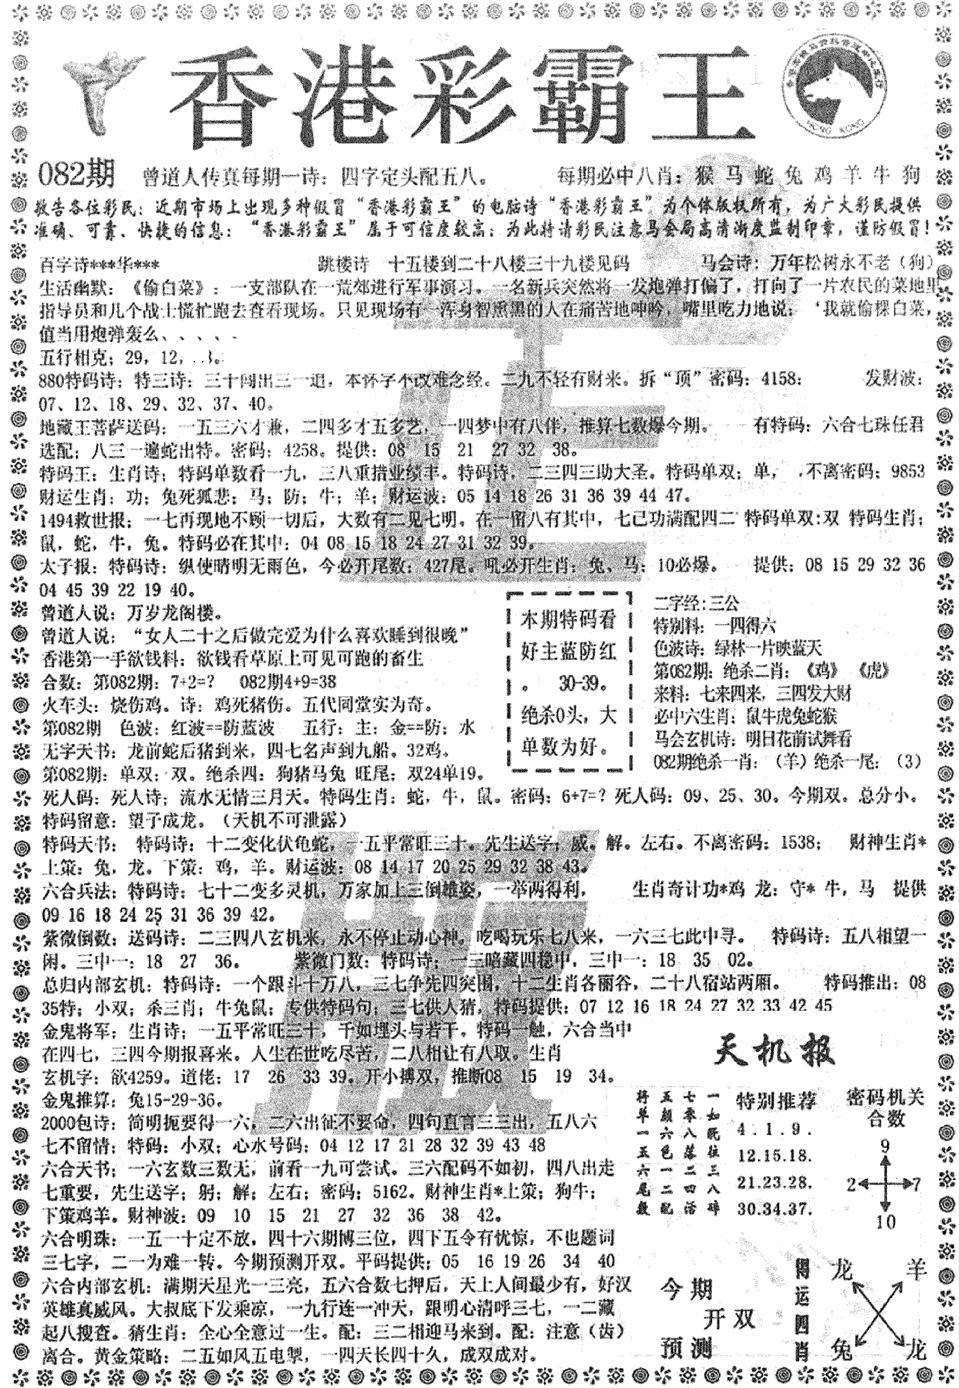 082期平西版彩霸王A(黑白)